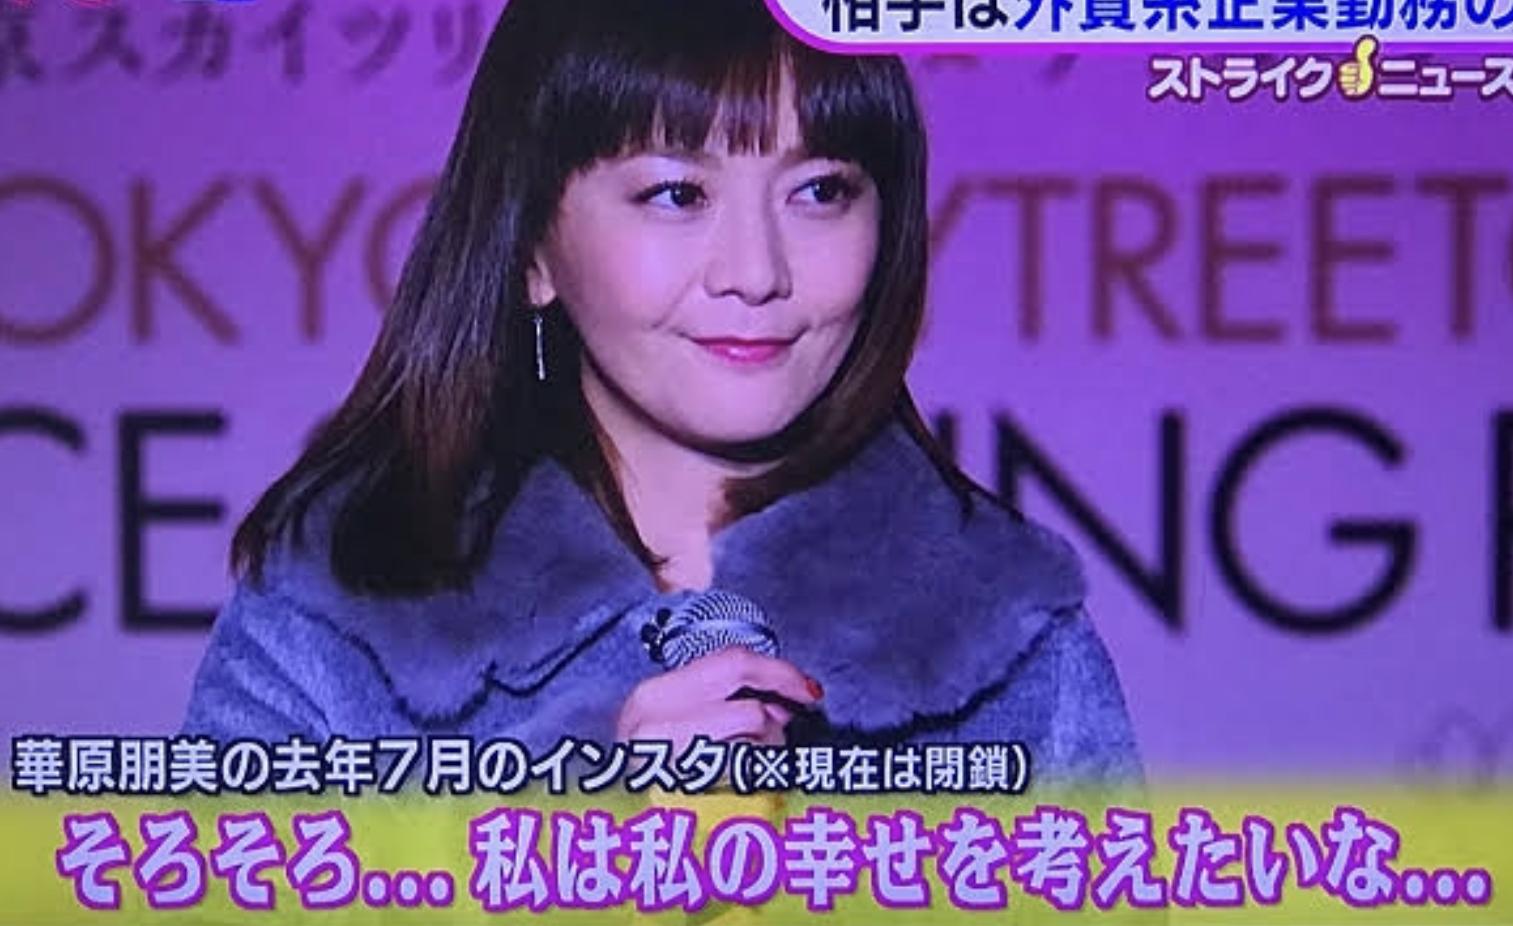 華原朋美 44歳にして妊娠|突然の「おめでた」に、拭えない不倫疑惑